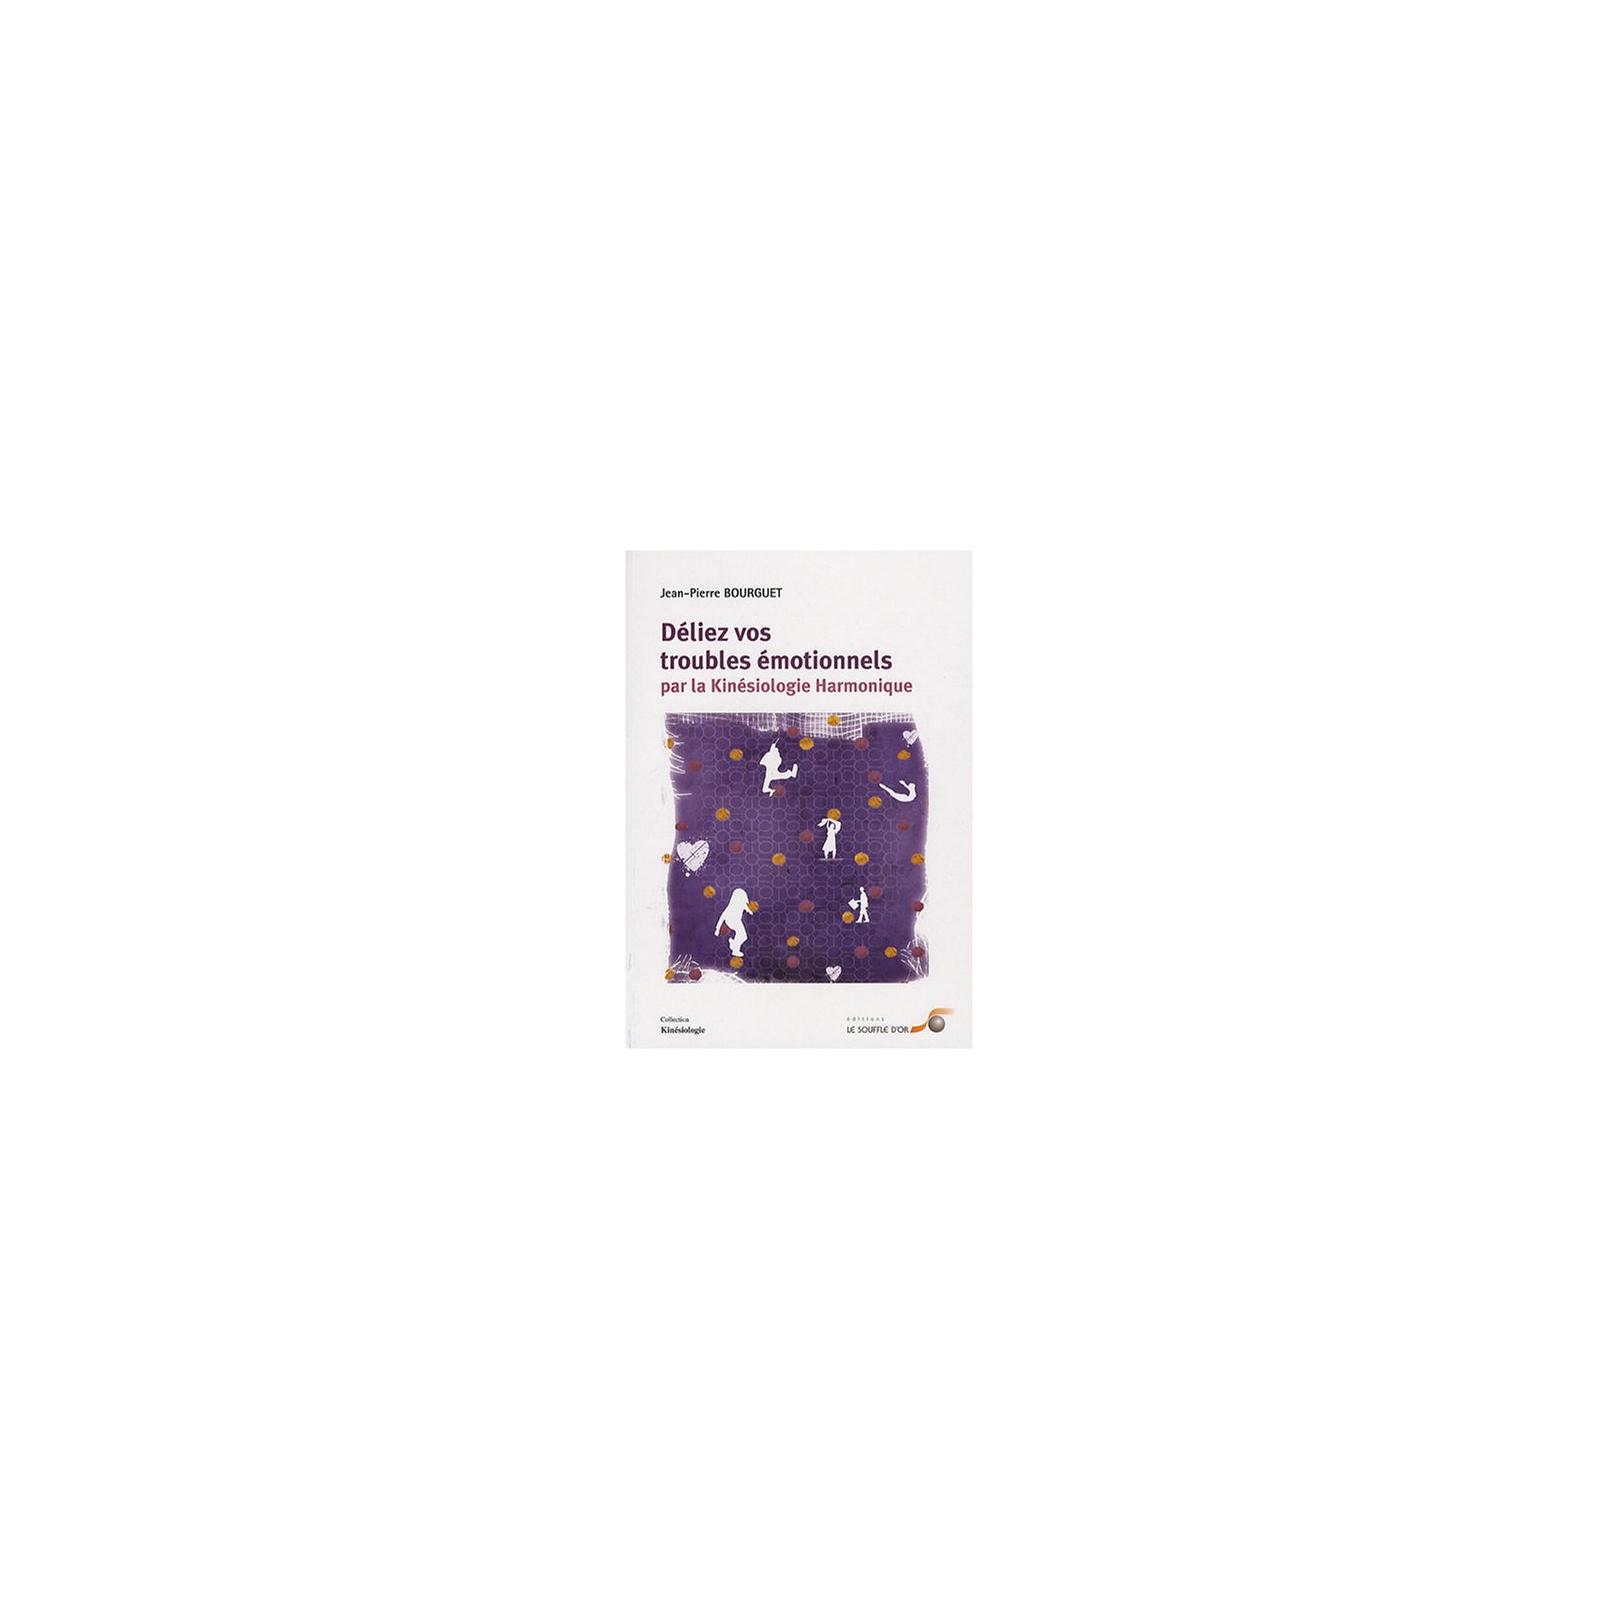 Déliez vos troubles émotionnels par la kinésiologie harmonique (Ebook)